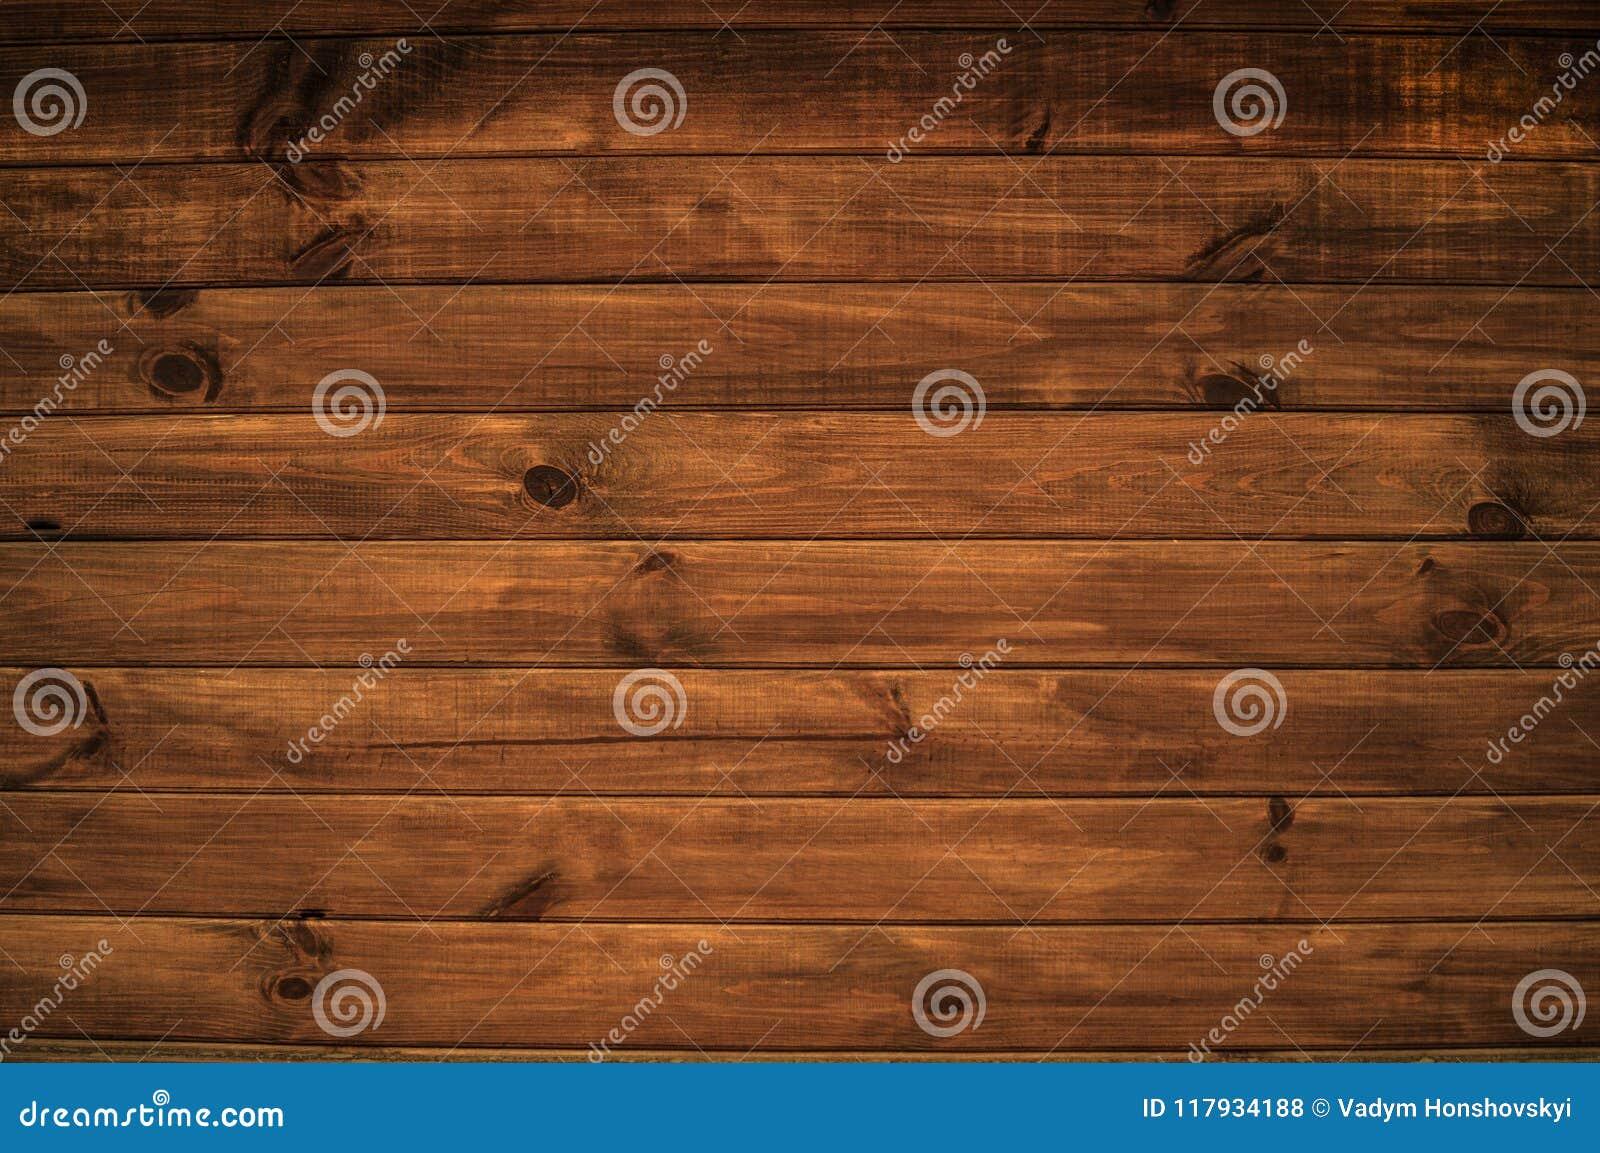 Um fundo com uma estrutura bonita de placas de madeira horizontais da cor marrom